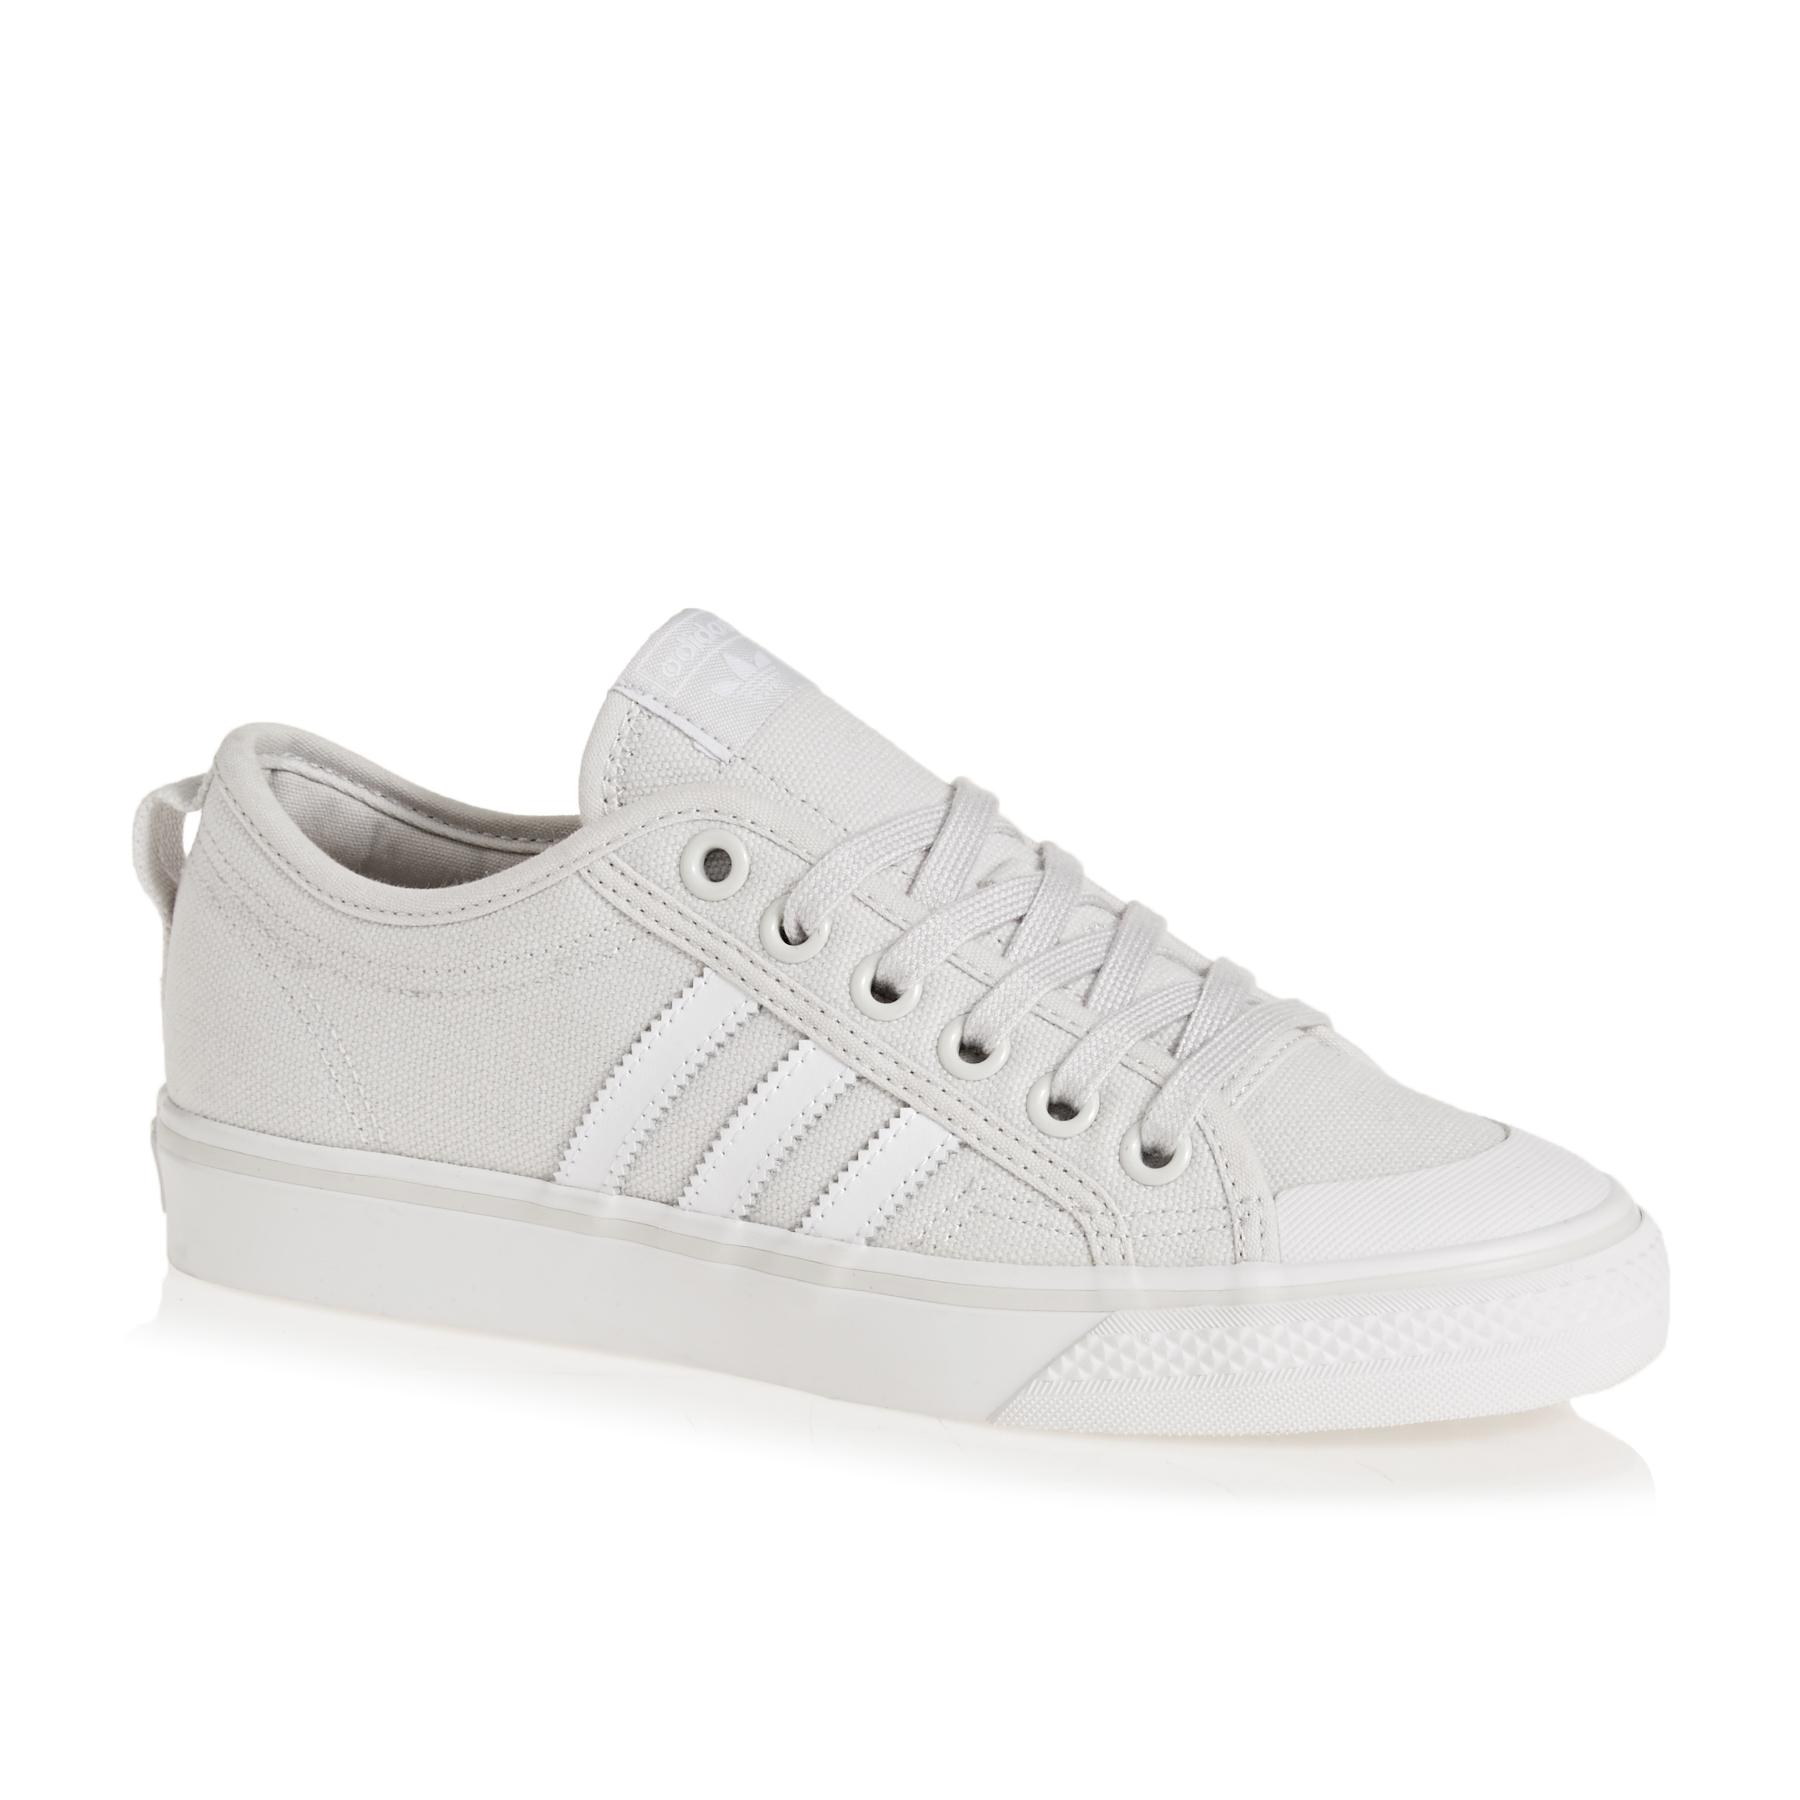 Adidas Originals Nizza Damen Schuhe   Kostenlose Lieferung